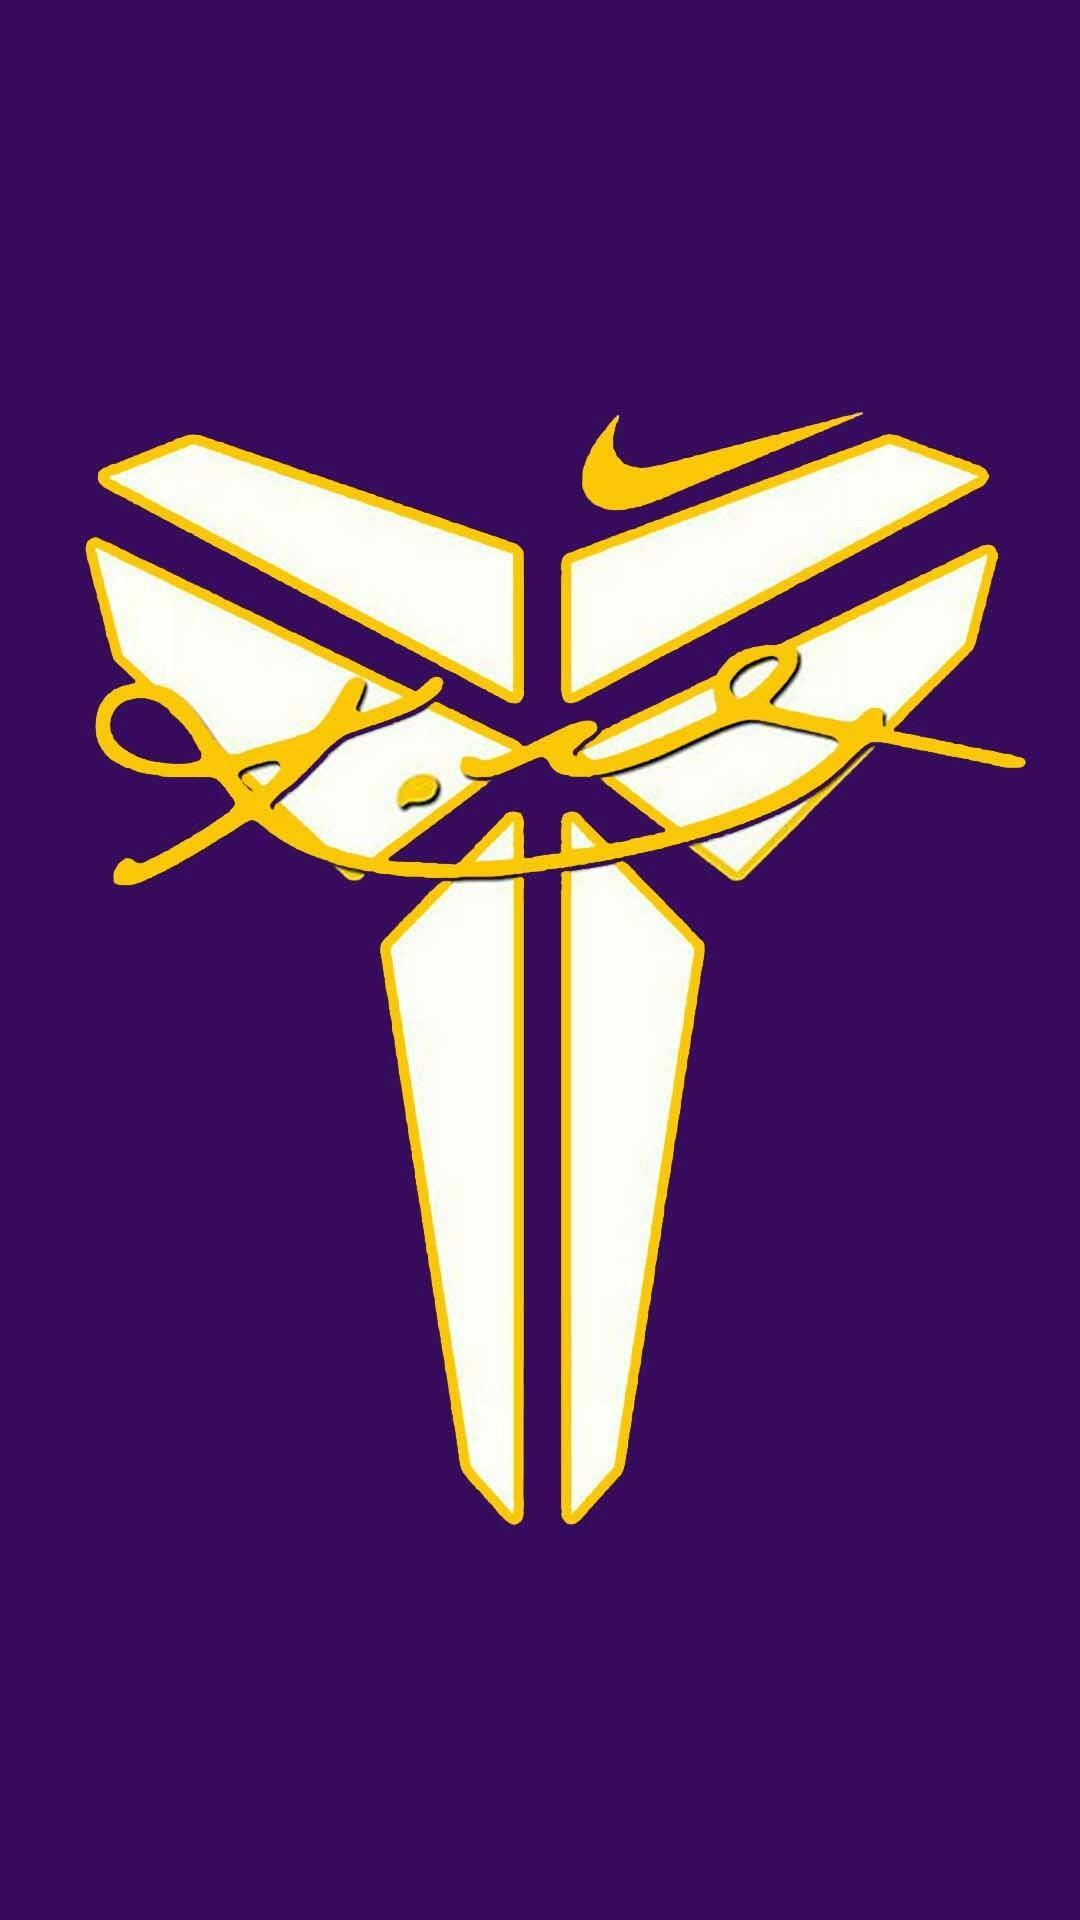 Kobe Logo Wallpapers - Top Free Kobe